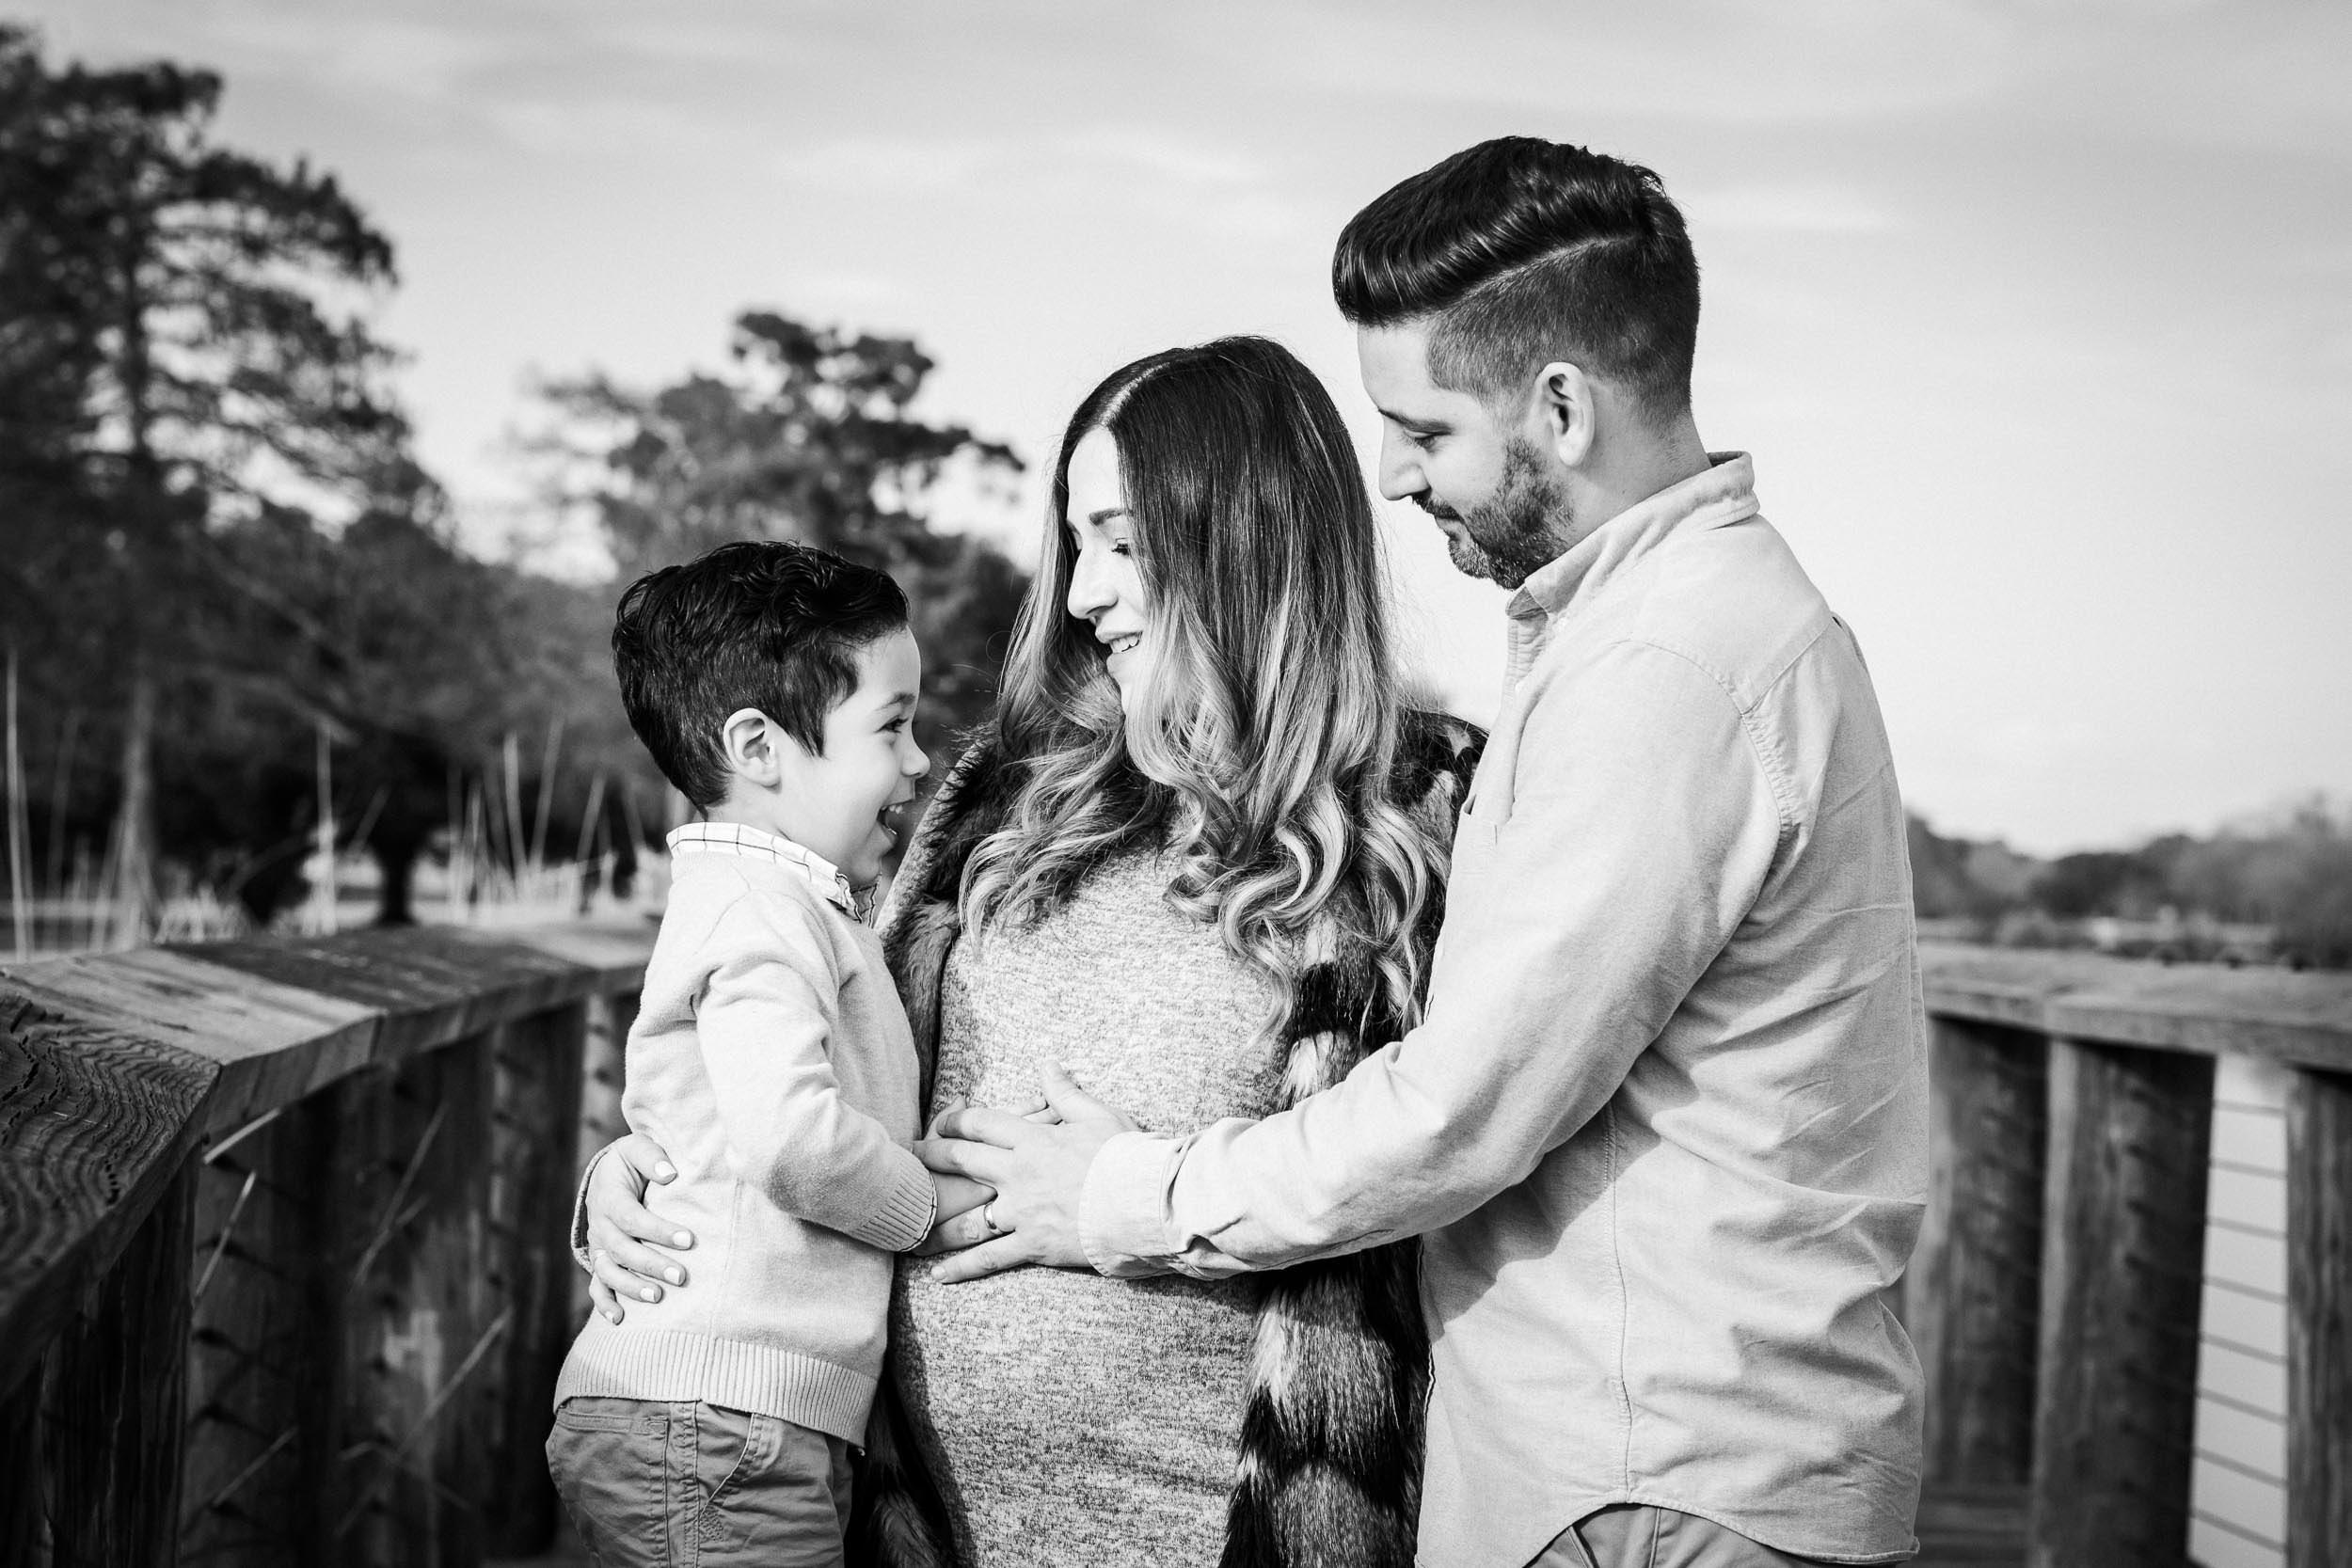 julie-verlinden-family-photography-JV1_3821.jpg